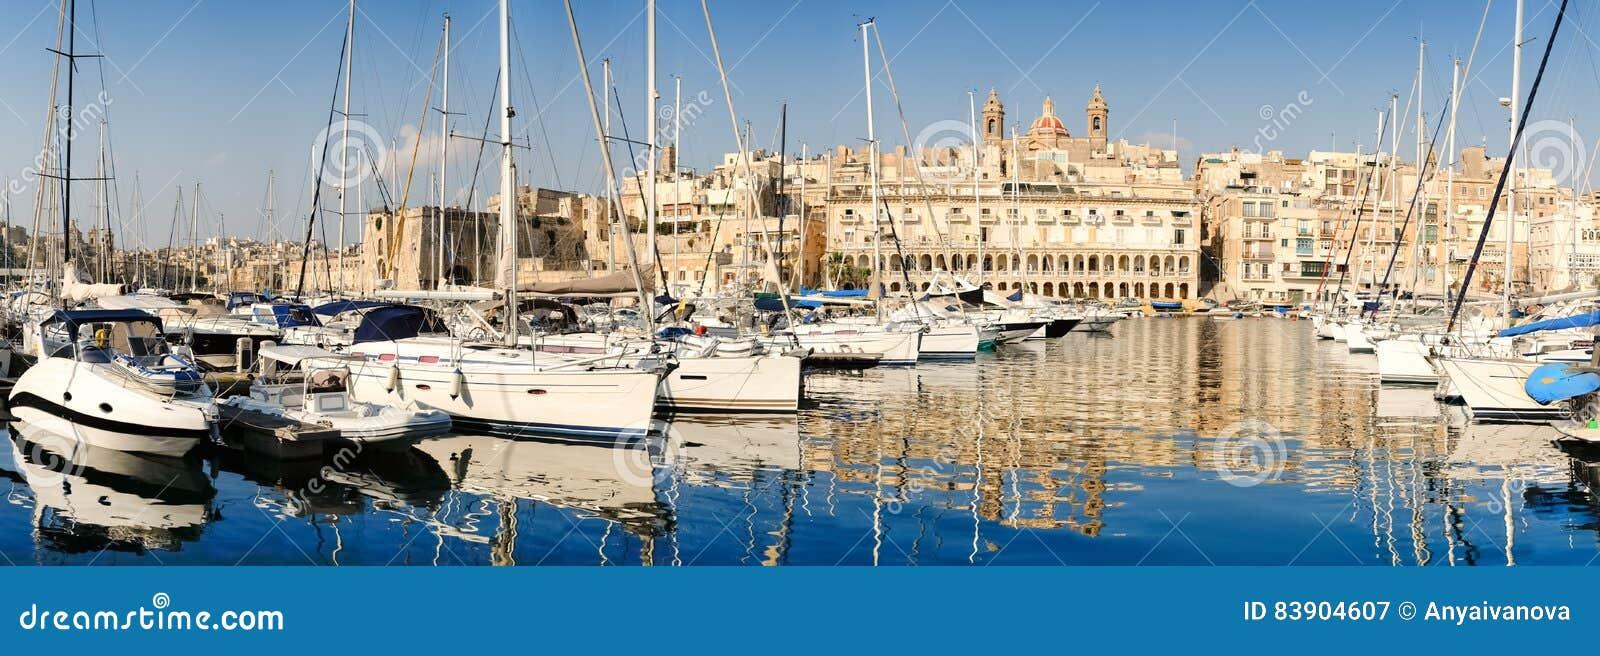 Πλέοντας βάρκες στη μαρίνα Senglea στο μεγάλο κόλπο, Valletta, Μάλτα